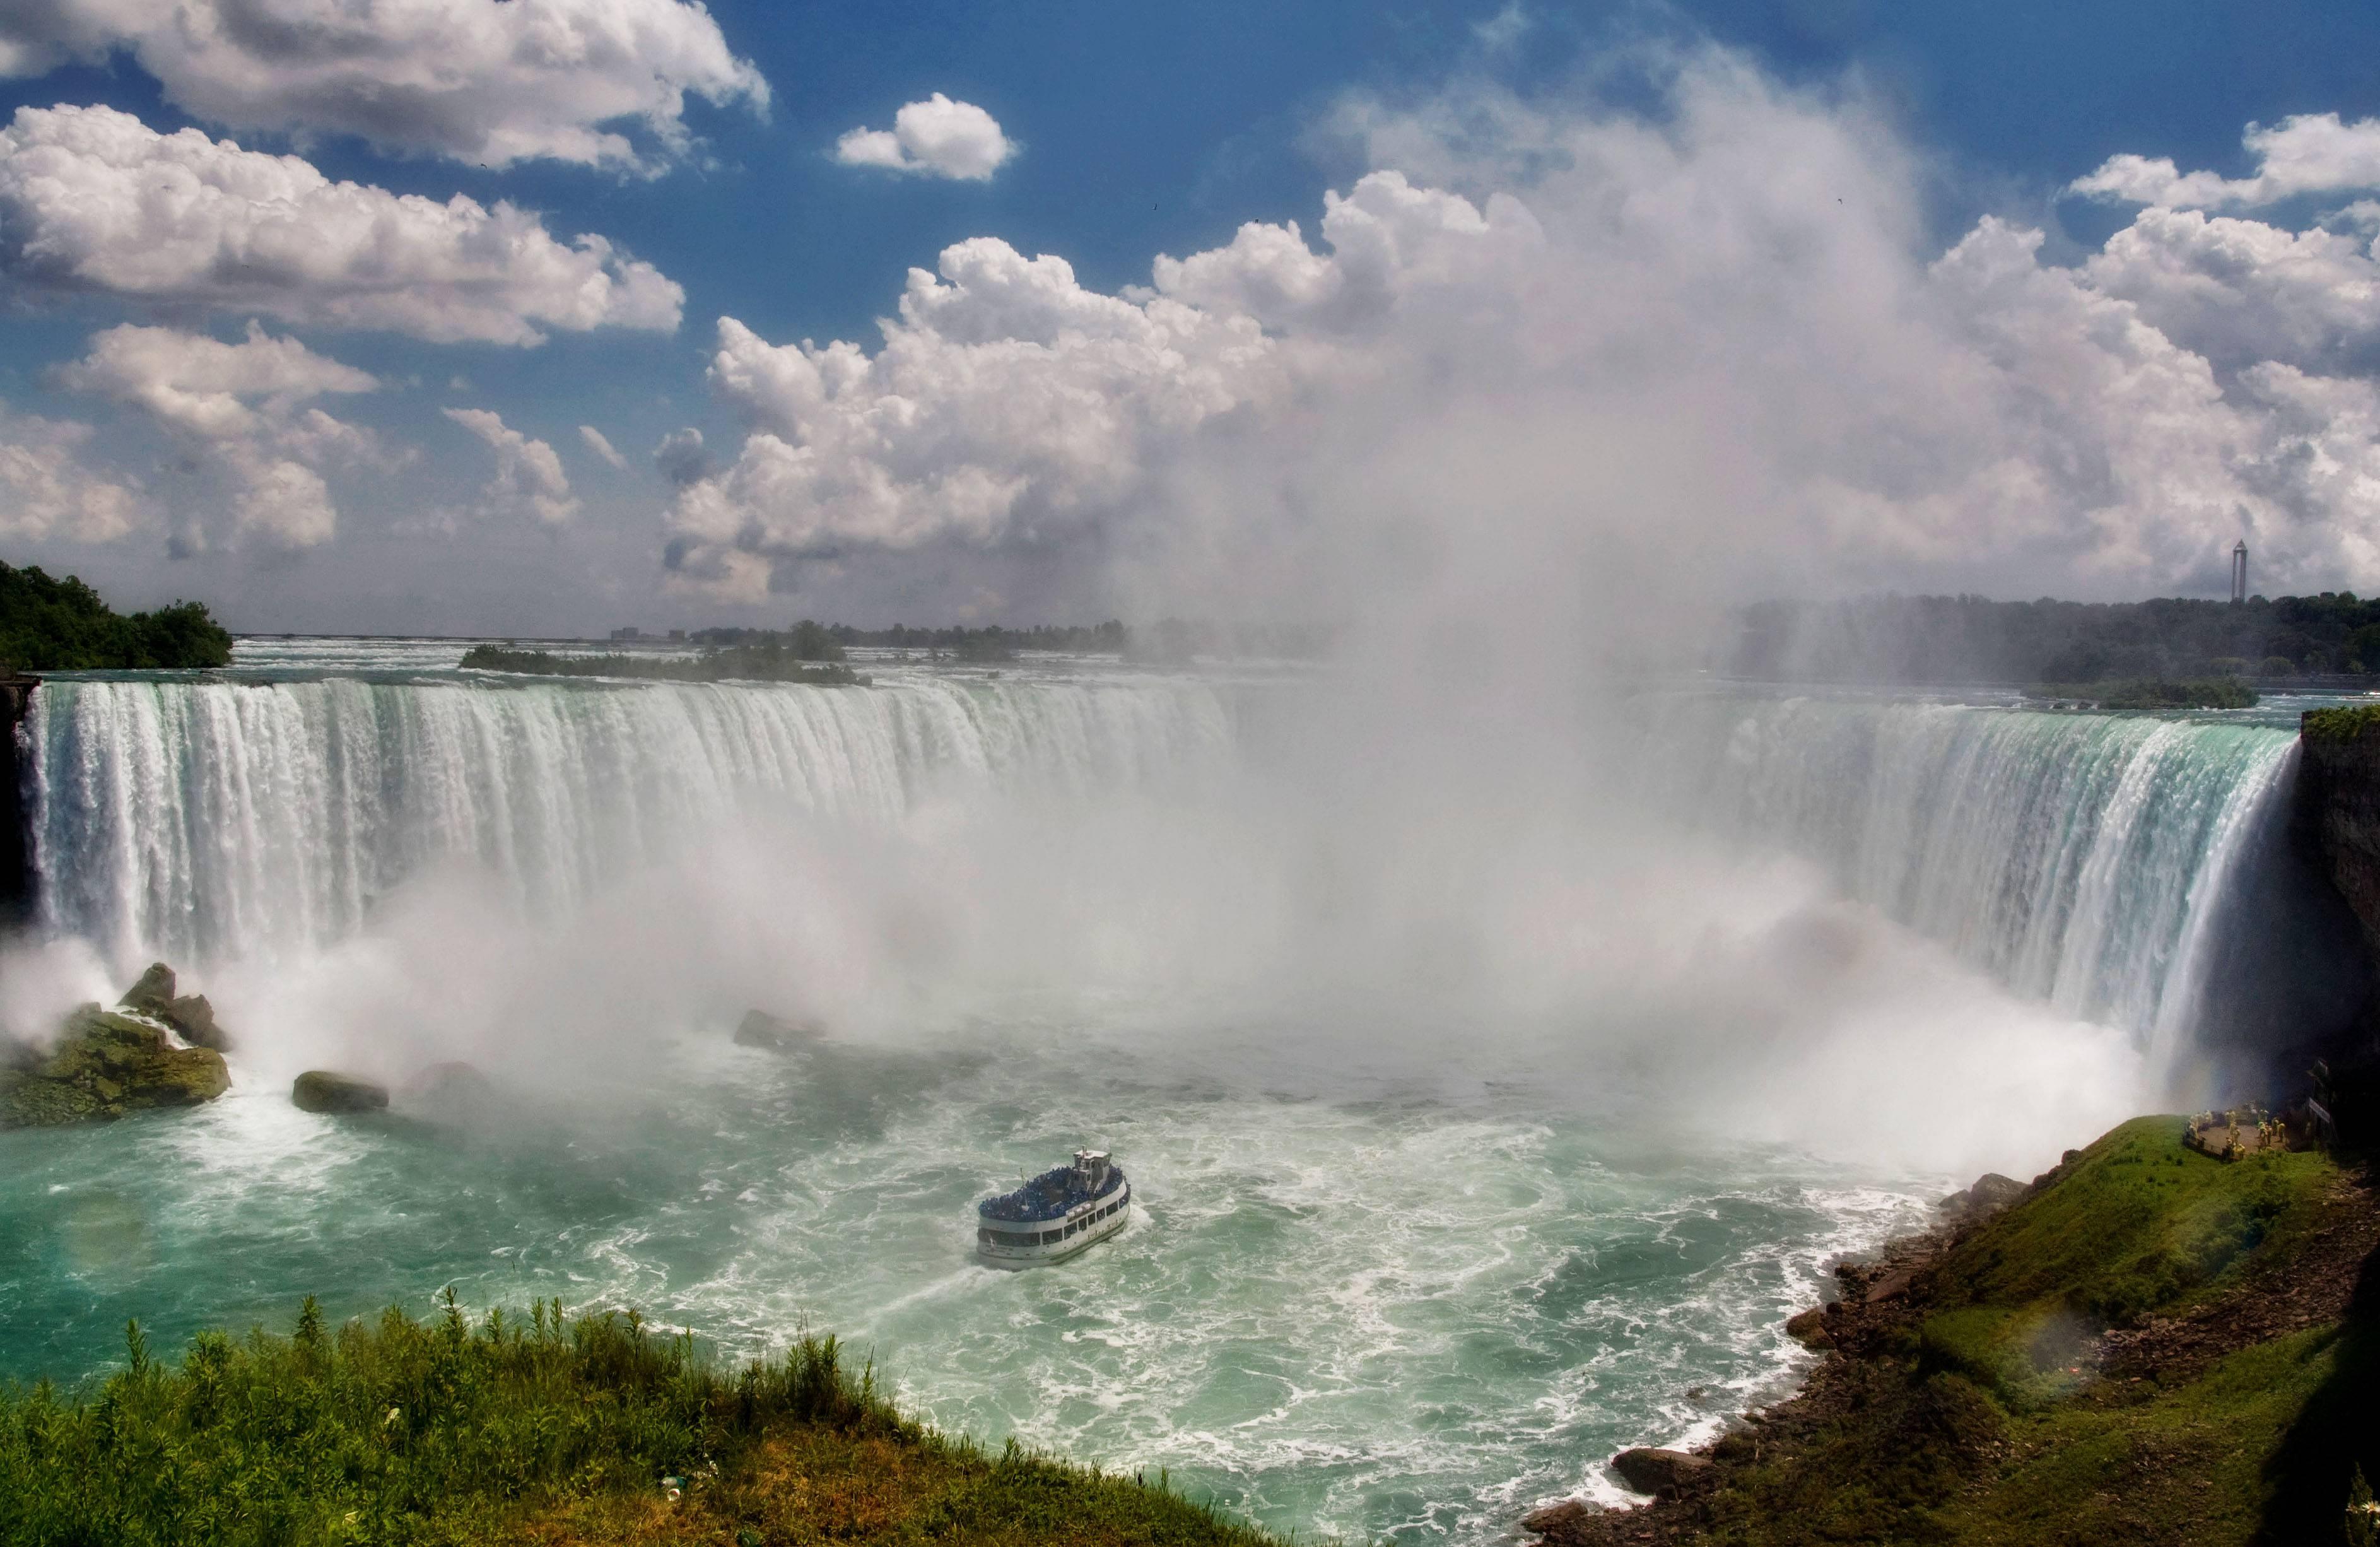 Chute du Niagara - Tourisme en Amérique du Nord